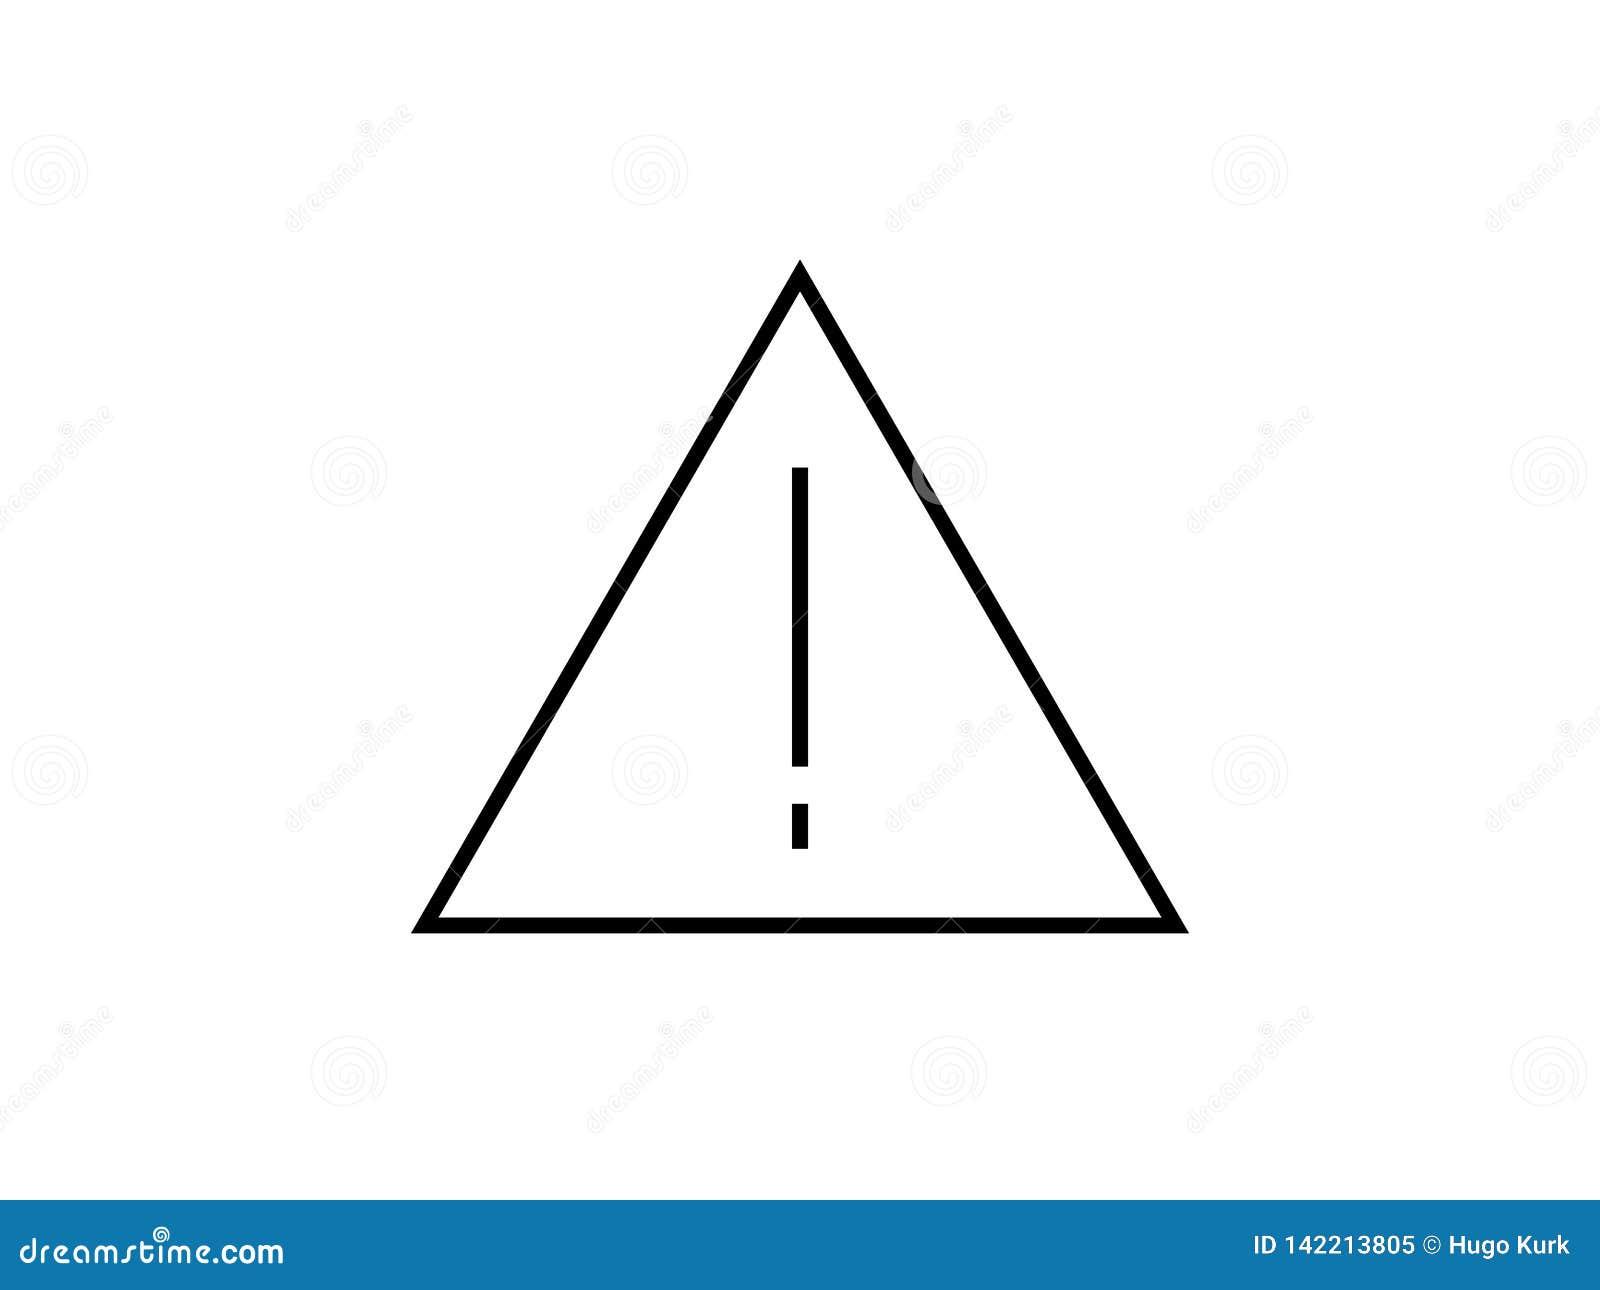 Вектор символа предупредительного знака